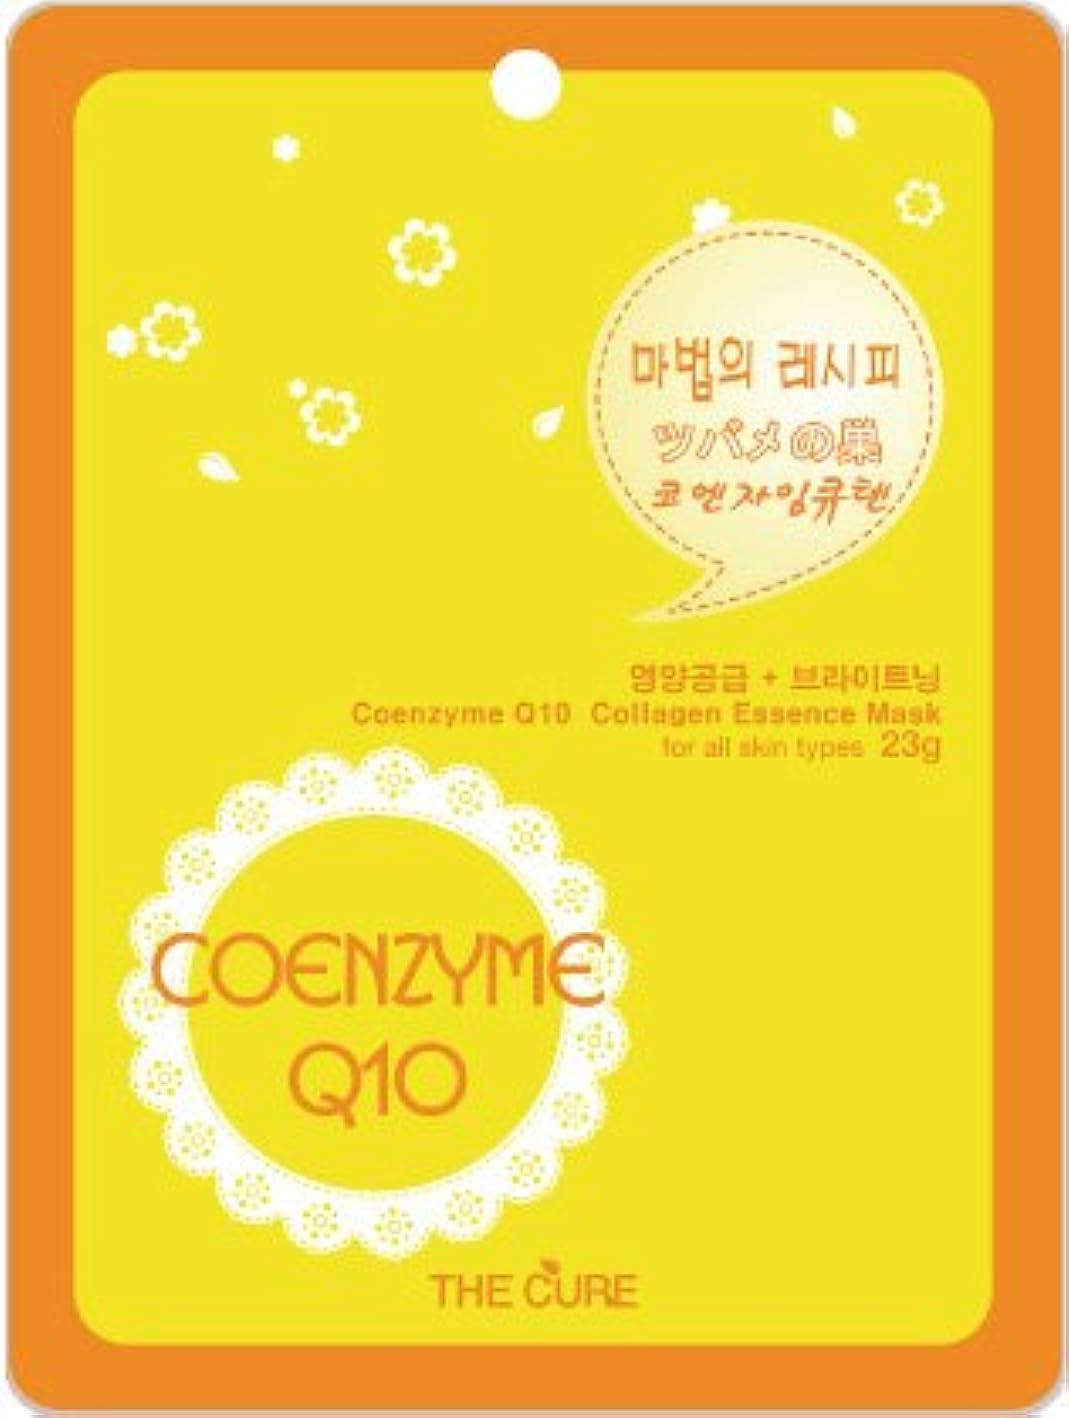 固有の影響受粉者コエンザイムQ10 コラーゲン エッセンス マスク THE CURE シート パック 10枚セット 韓国 コスメ 乾燥肌 オイリー肌 混合肌